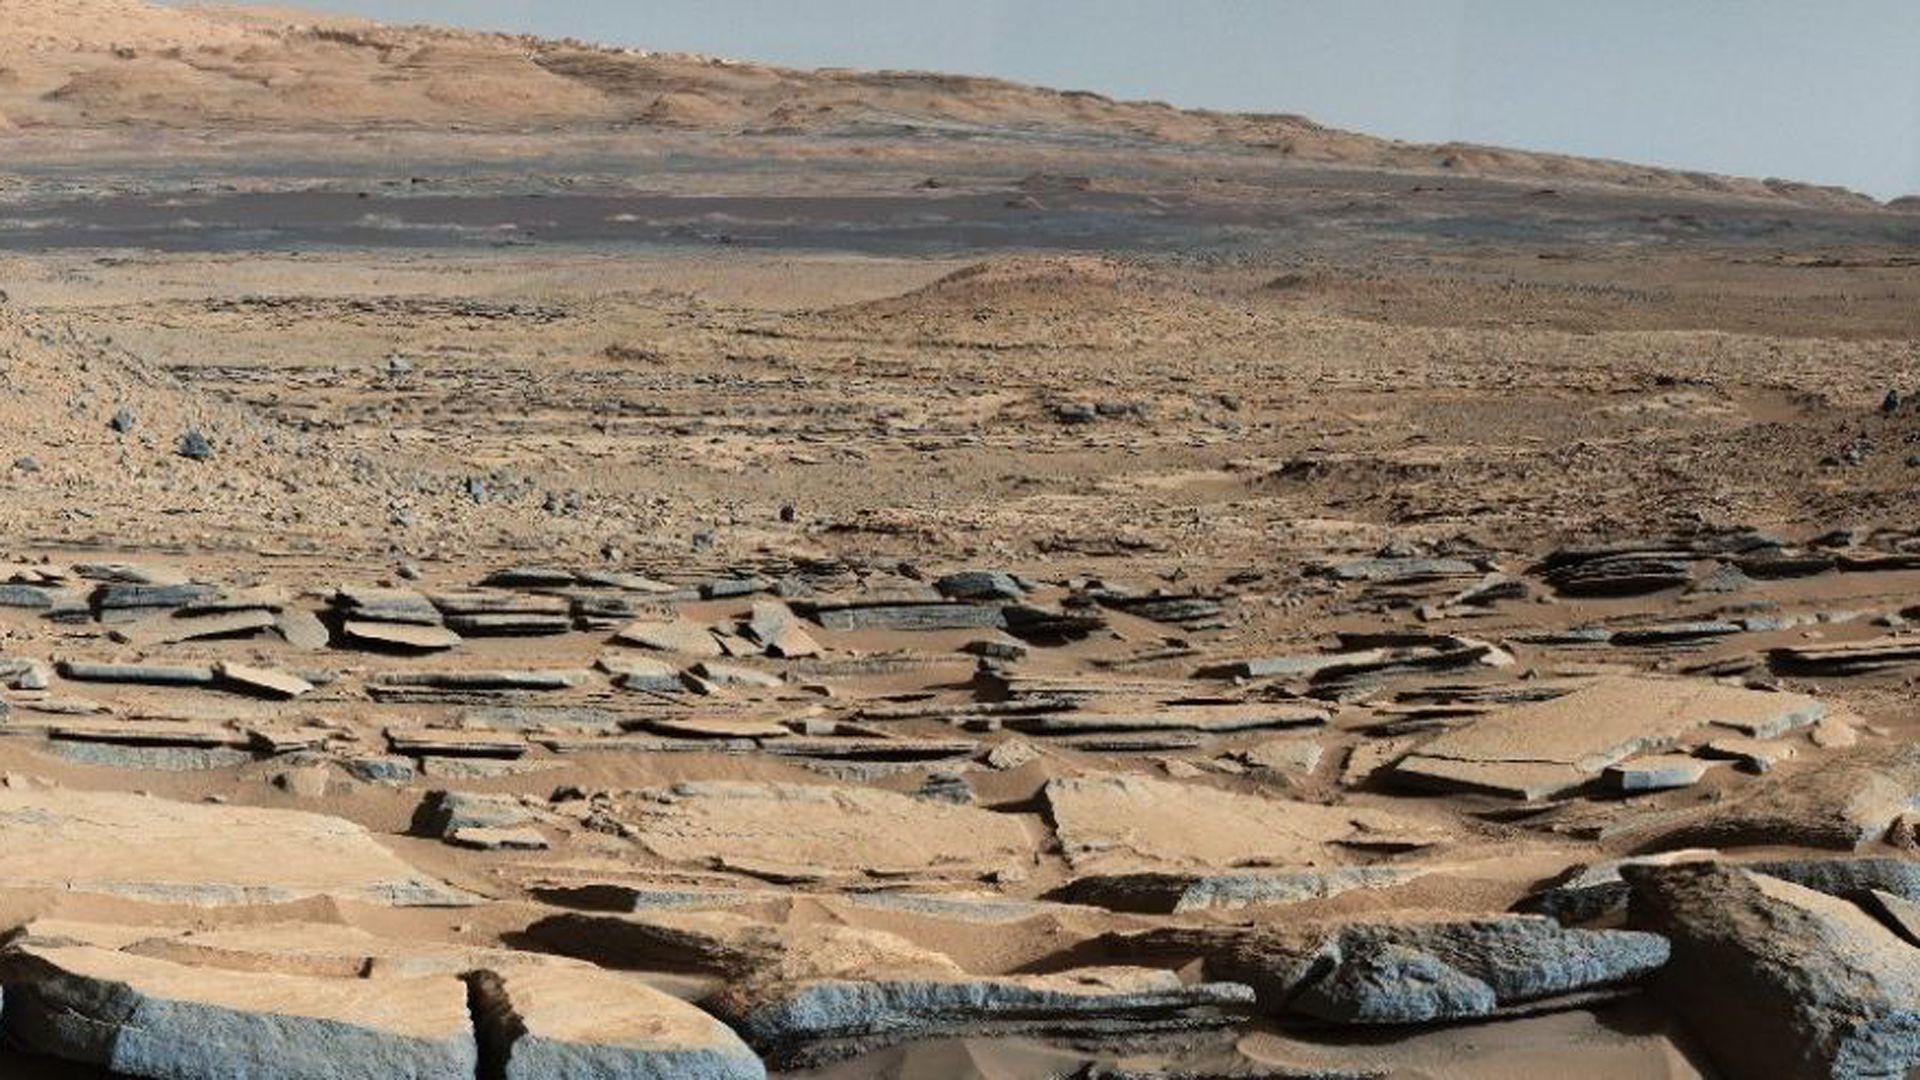 La aridez del planeta rojo plasmada en una foto obtenida por el robot Curiosity (NASA)